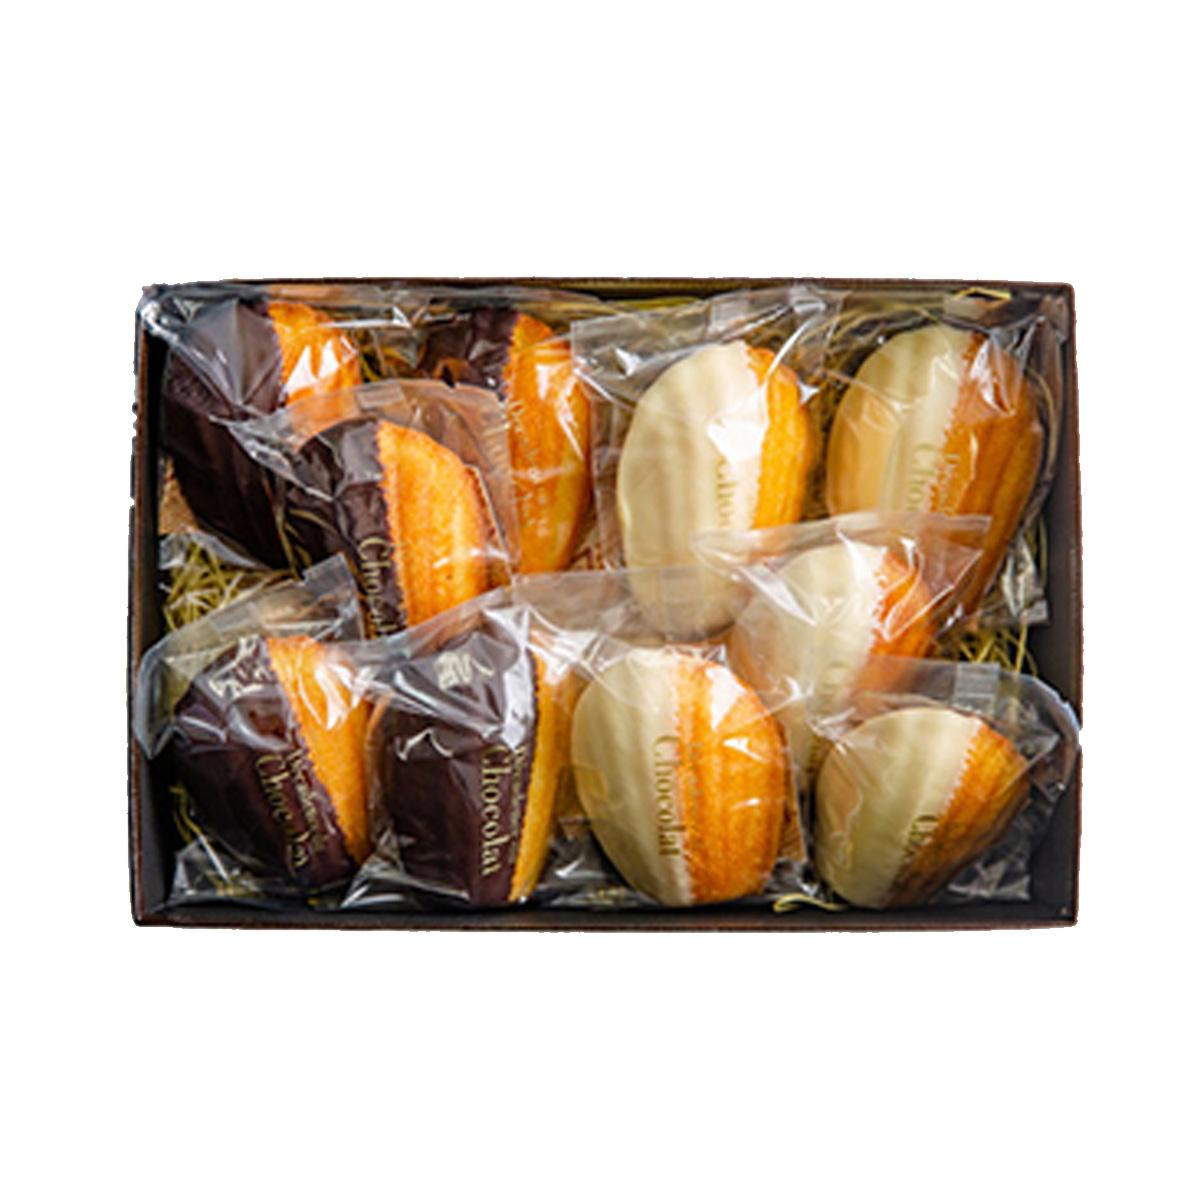 マドレーヌ10個セット  ビター/ホワイトチョコレート各5個